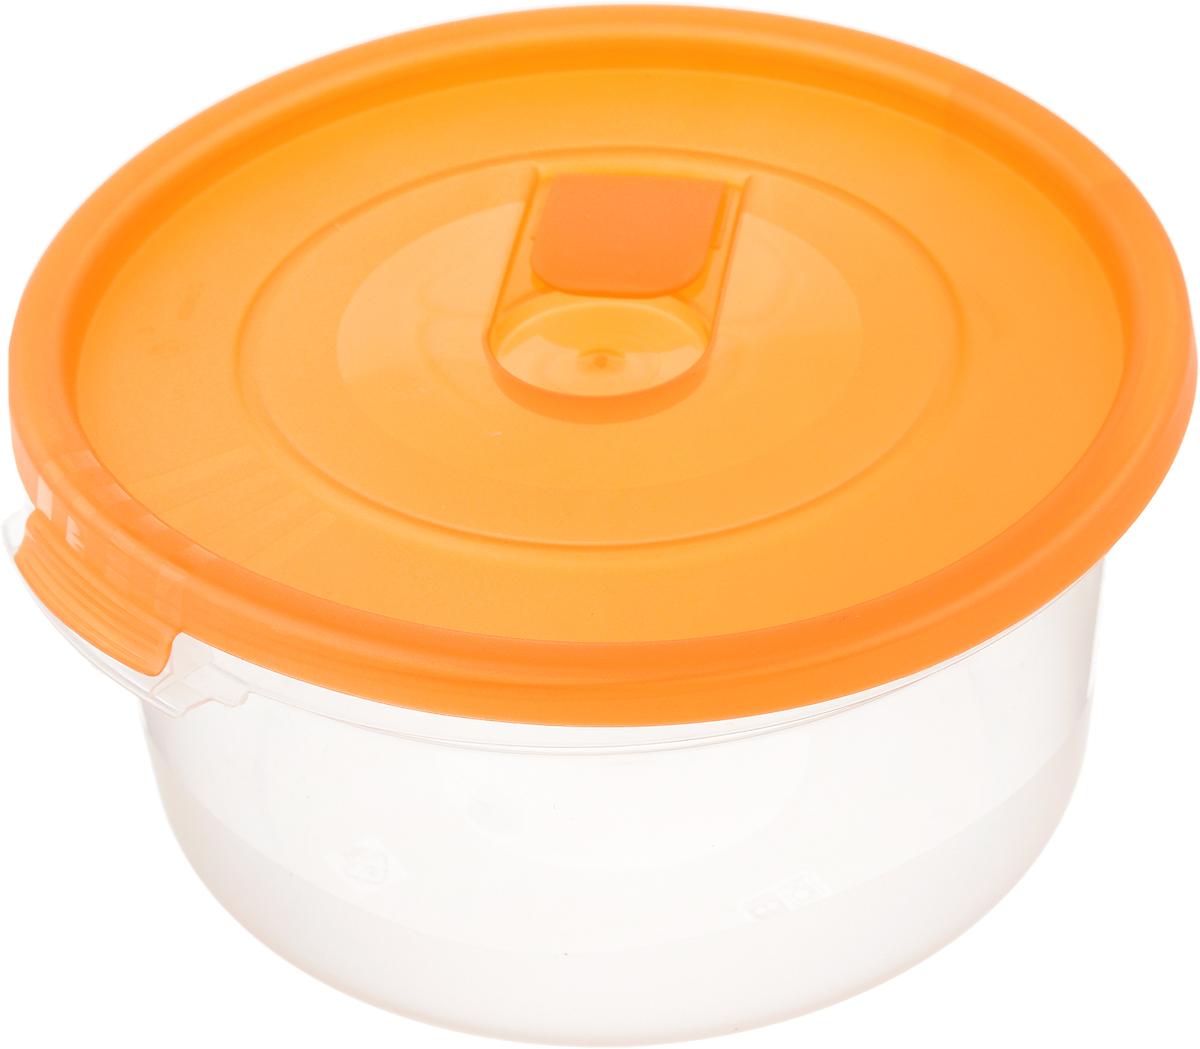 Контейнер Полимербыт Смайл, цвет: оранжевый, 800 млVT-1520(SR)Контейнер Полимербыт Смайл круглой формы, изготовленный из прочного пластика, специально предназначен для хранения пищевых продуктов. Контейнер оснащен герметичной крышкой со специальным клапаном, благодаря которому внутри создается вакуум и продукты дольше сохраняют свежесть и аромат. Крышка легко открывается и плотно закрывается.Стенки контейнера прозрачные - хорошо видно, что внутри. Контейнер устойчив к воздействию масел и жиров, легко моется. Контейнер имеет возможность хранения продуктов глубокой заморозки, обладает высокой прочностью. Можно мыть в посудомоечной машине. Подходит для использования в микроволновых печах. Диаметр: 15 см. Высота (без крышки): 7 см.